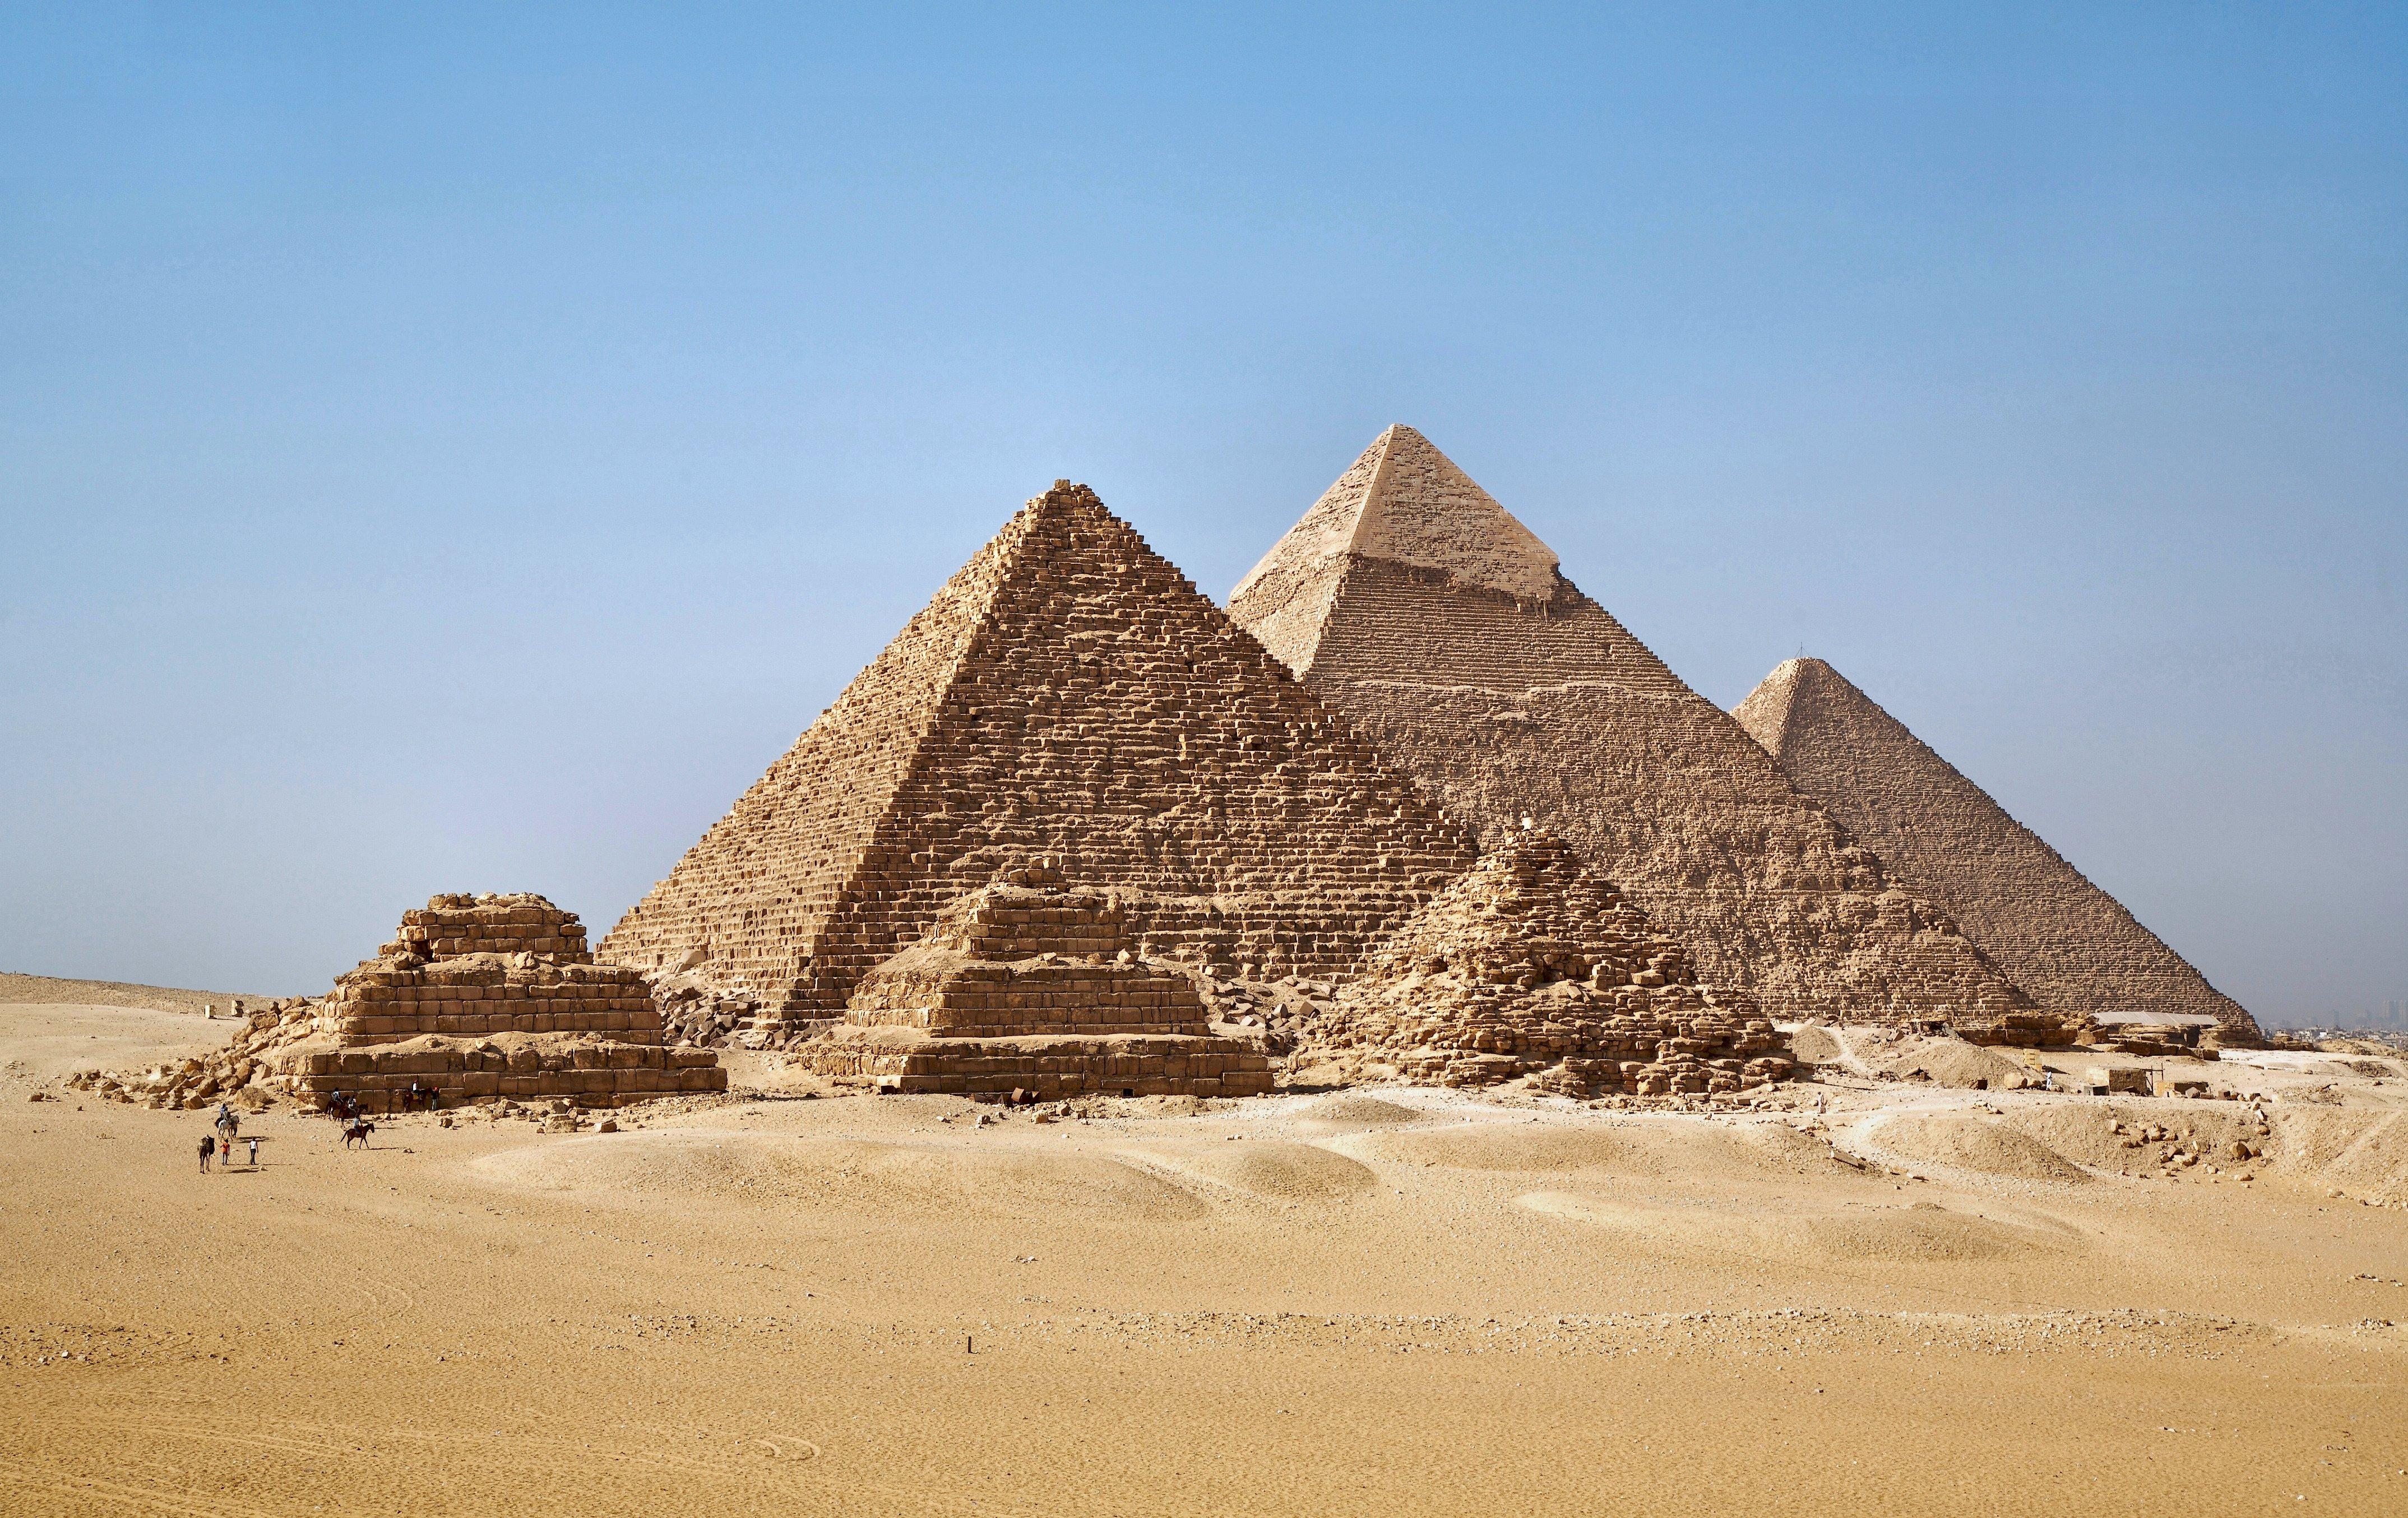 10 cosas cotidianas por las cuales es necesario agradecer a los antiguos egipcios